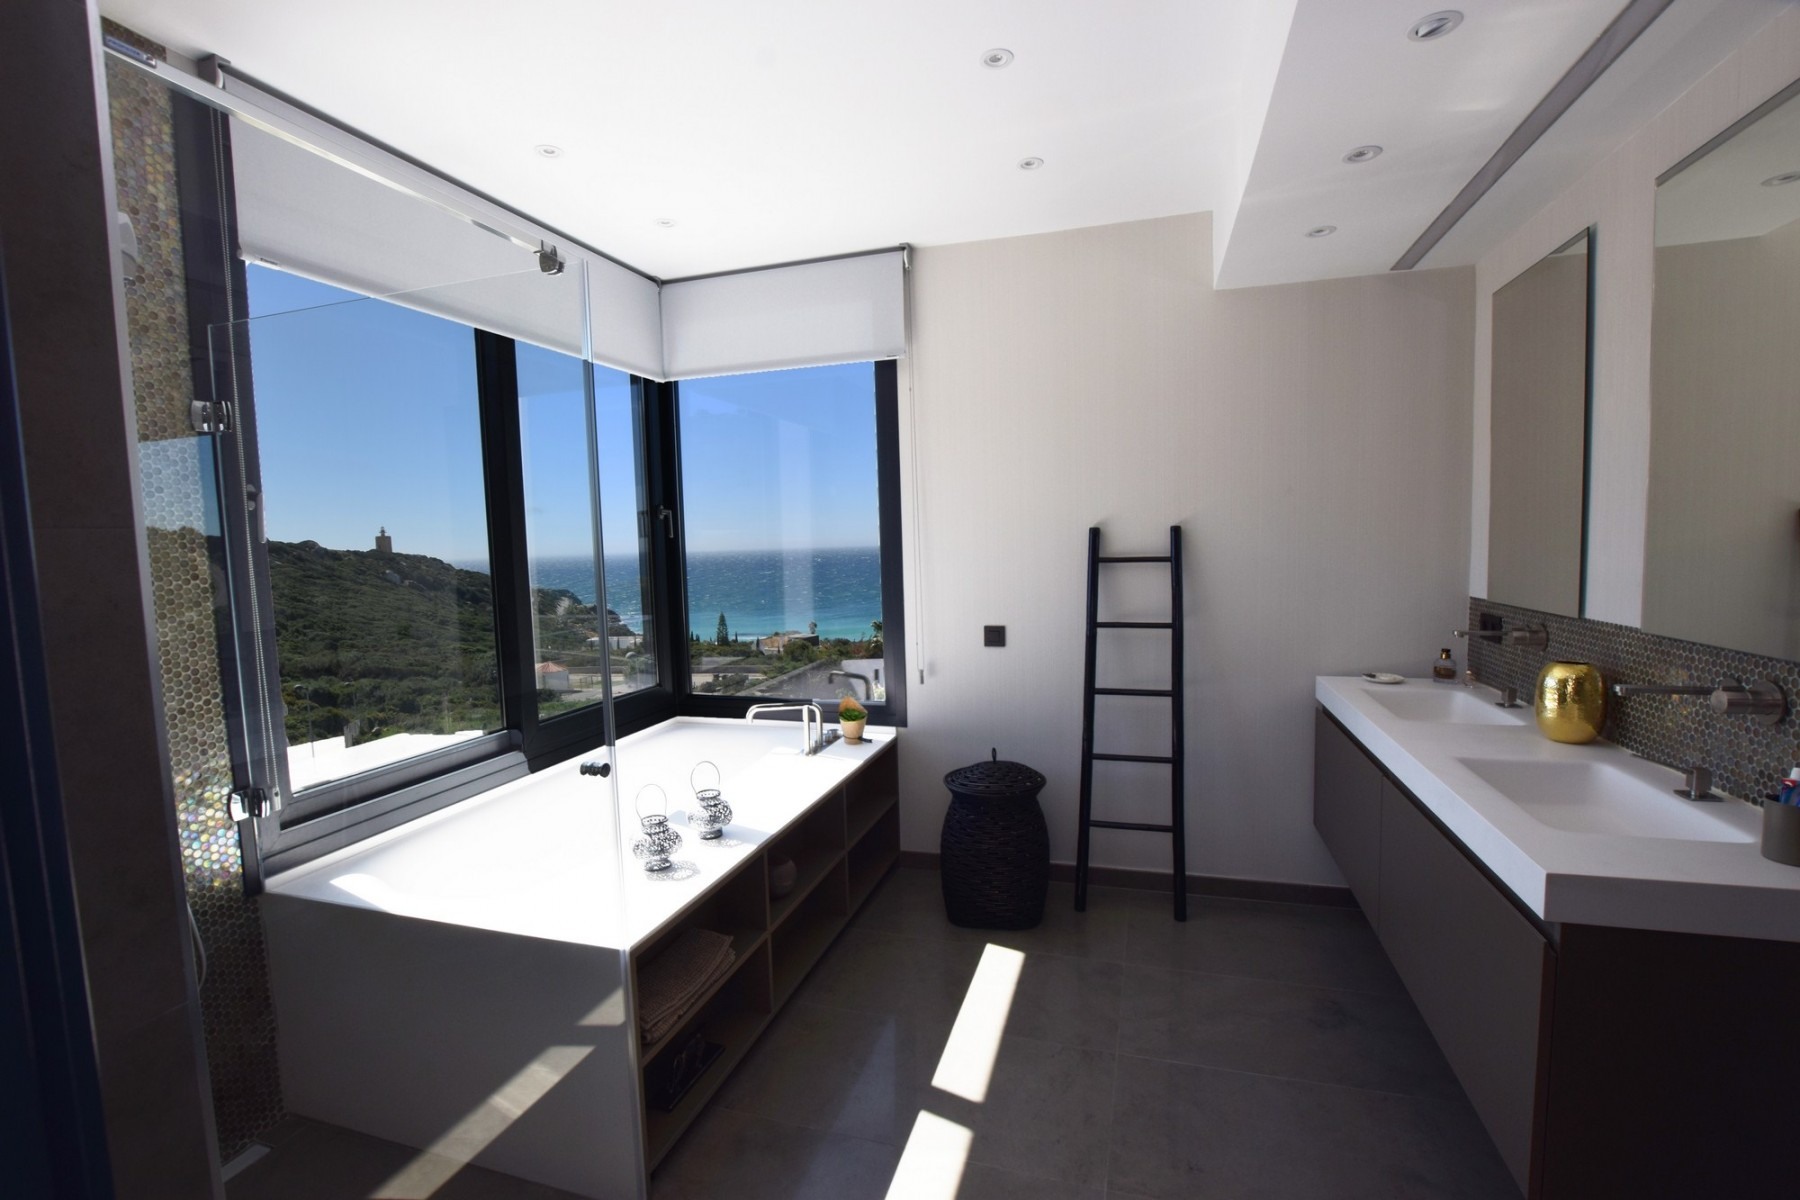 Essencia - Baño en Suite dormitorio principal